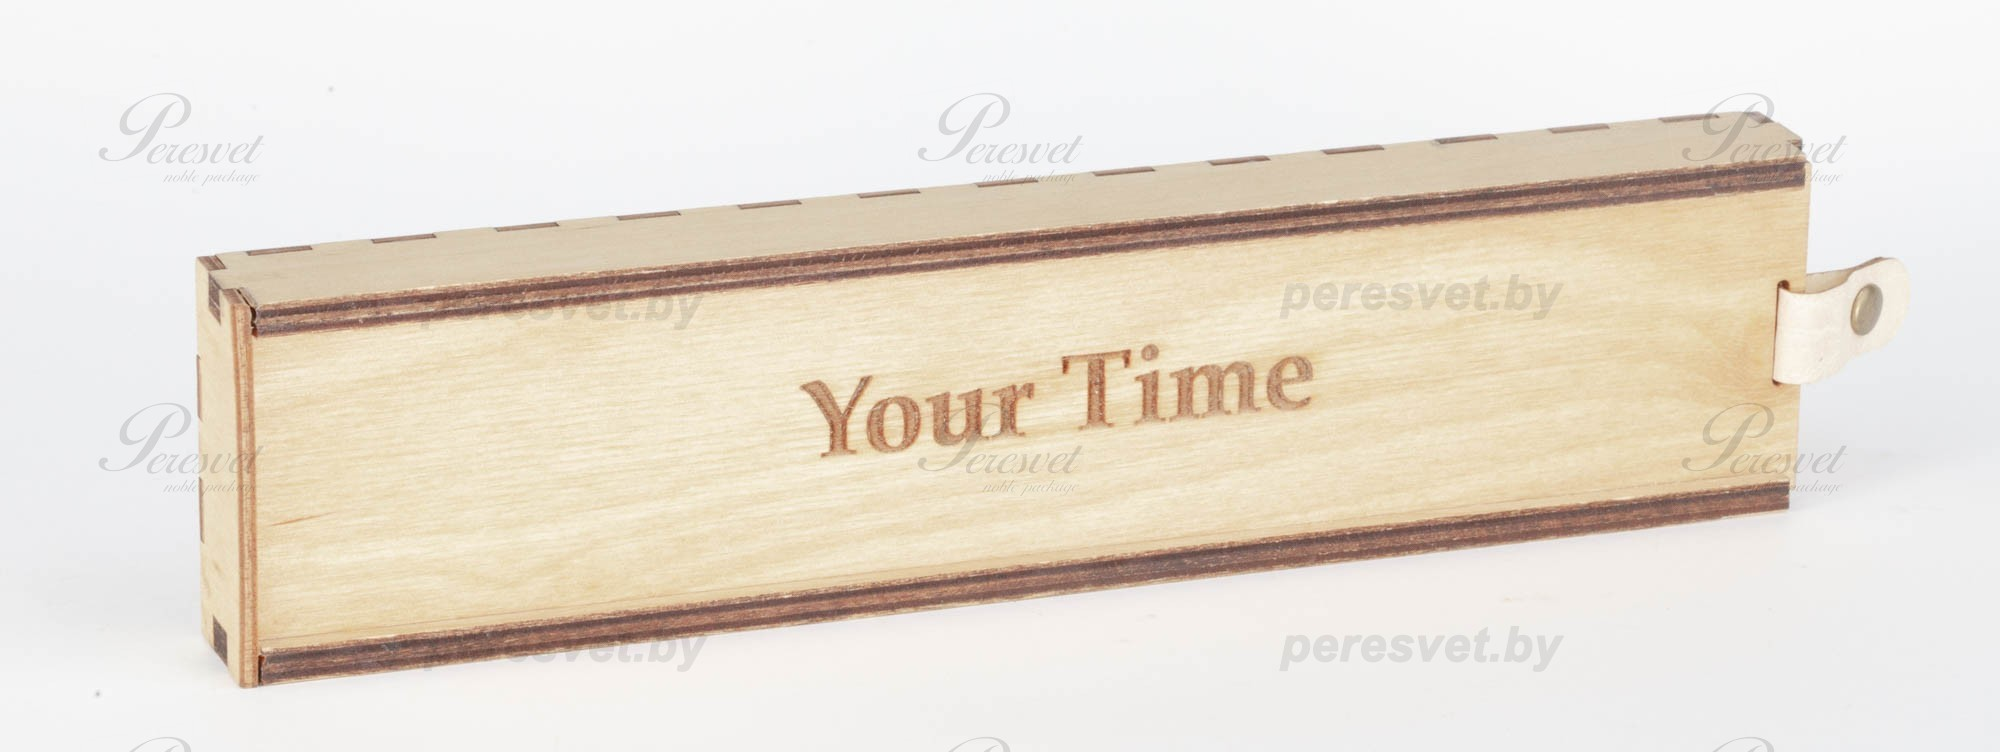 Деревянный пенал для хранения письменных принадлежностей на peresvet.by